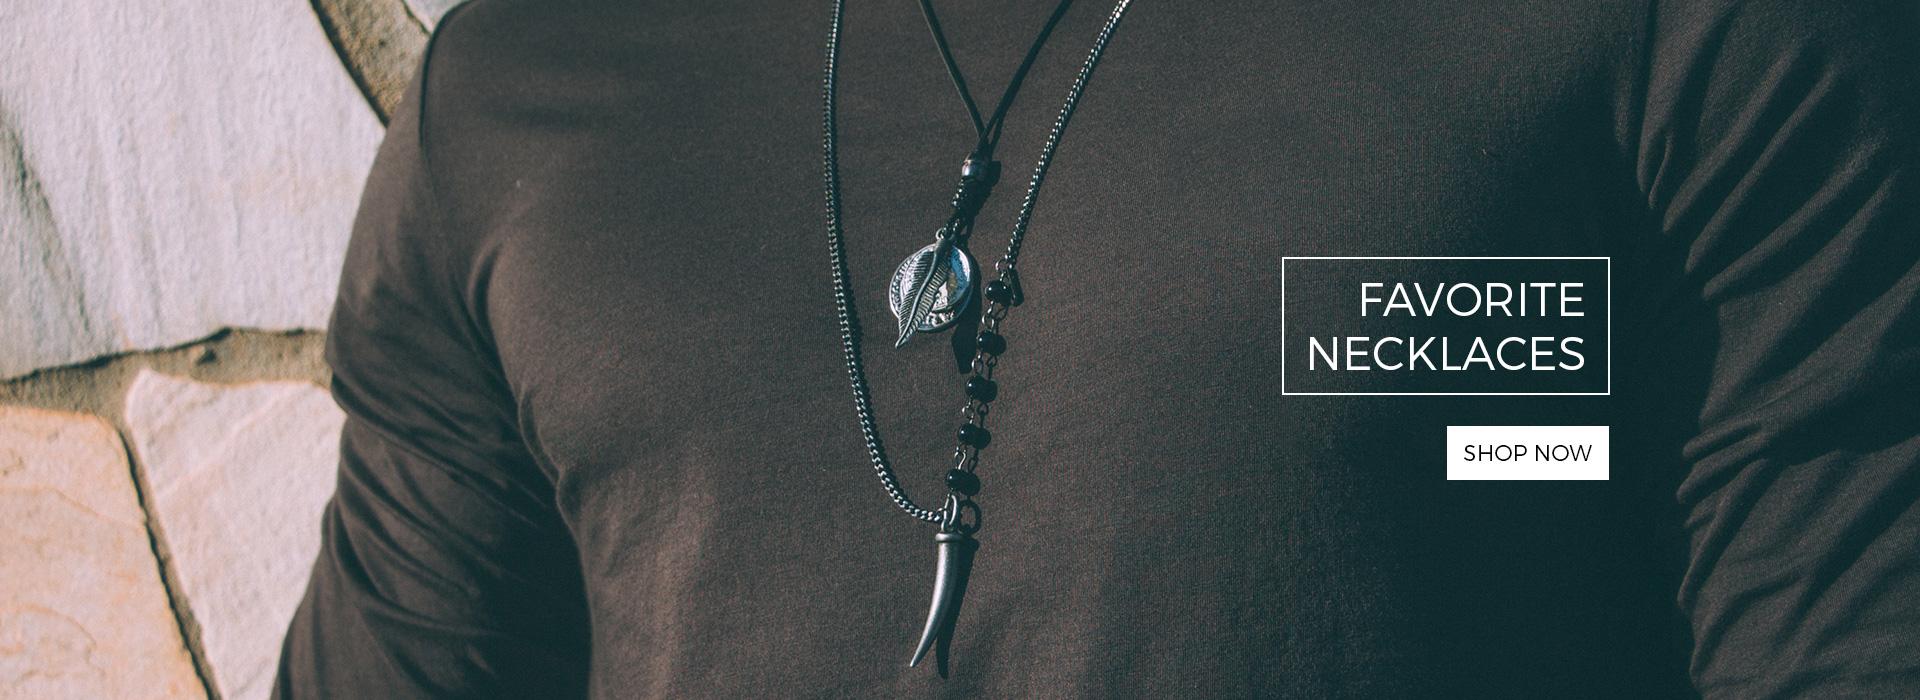 Favorite Necklaces